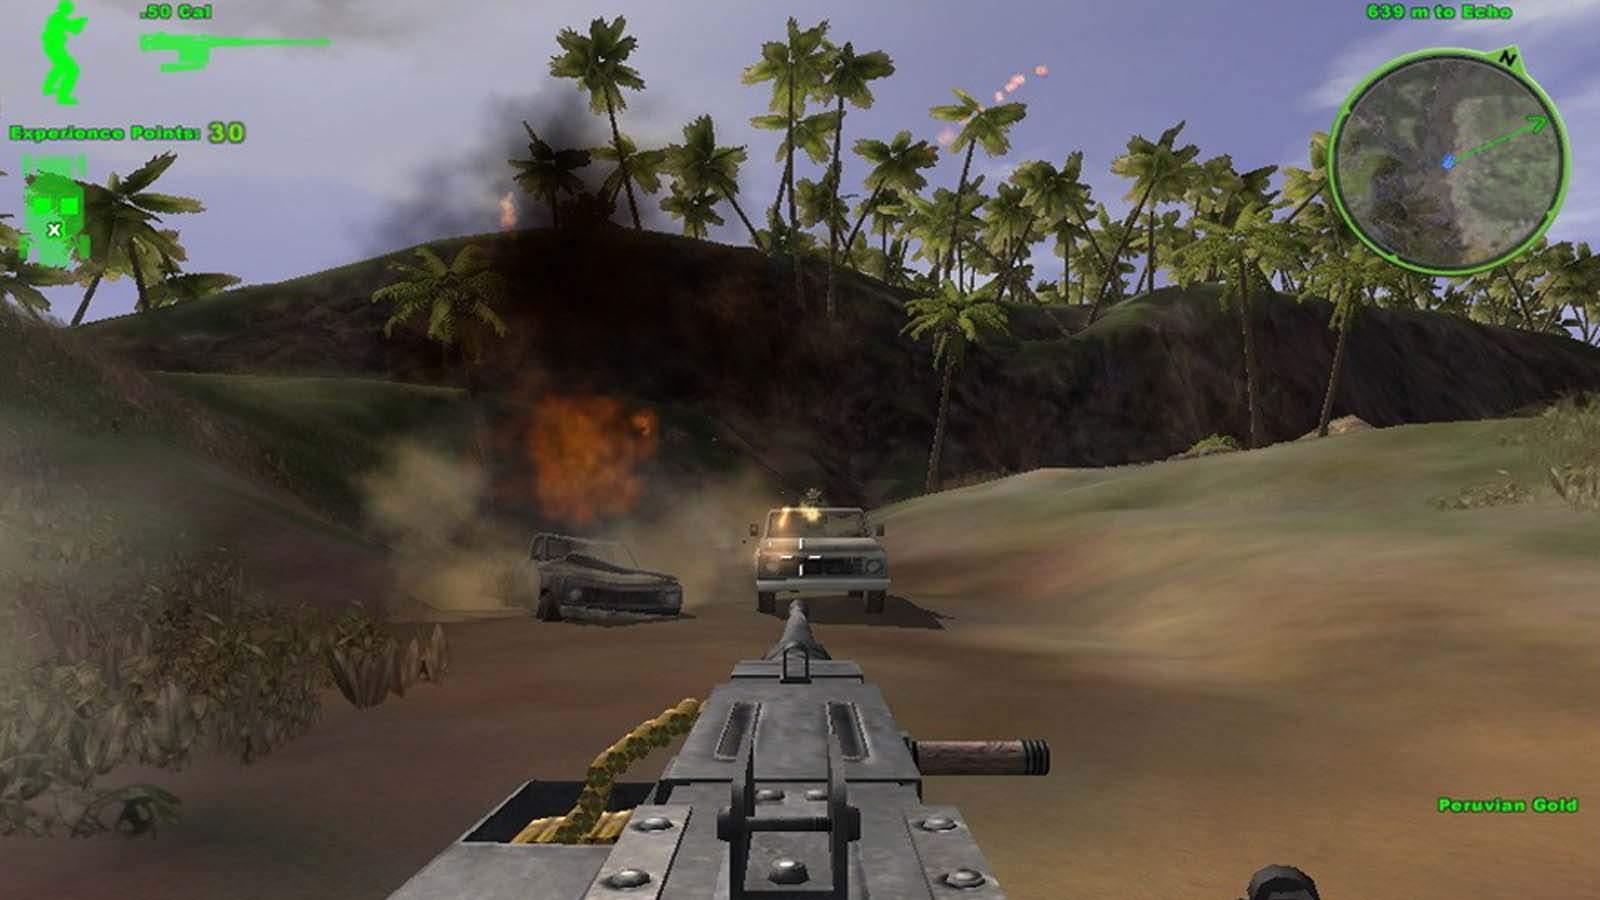 تحميل لعبة Delta Force Xtreme 2 مضغوطة برابط واحد مباشر كاملة مجانا